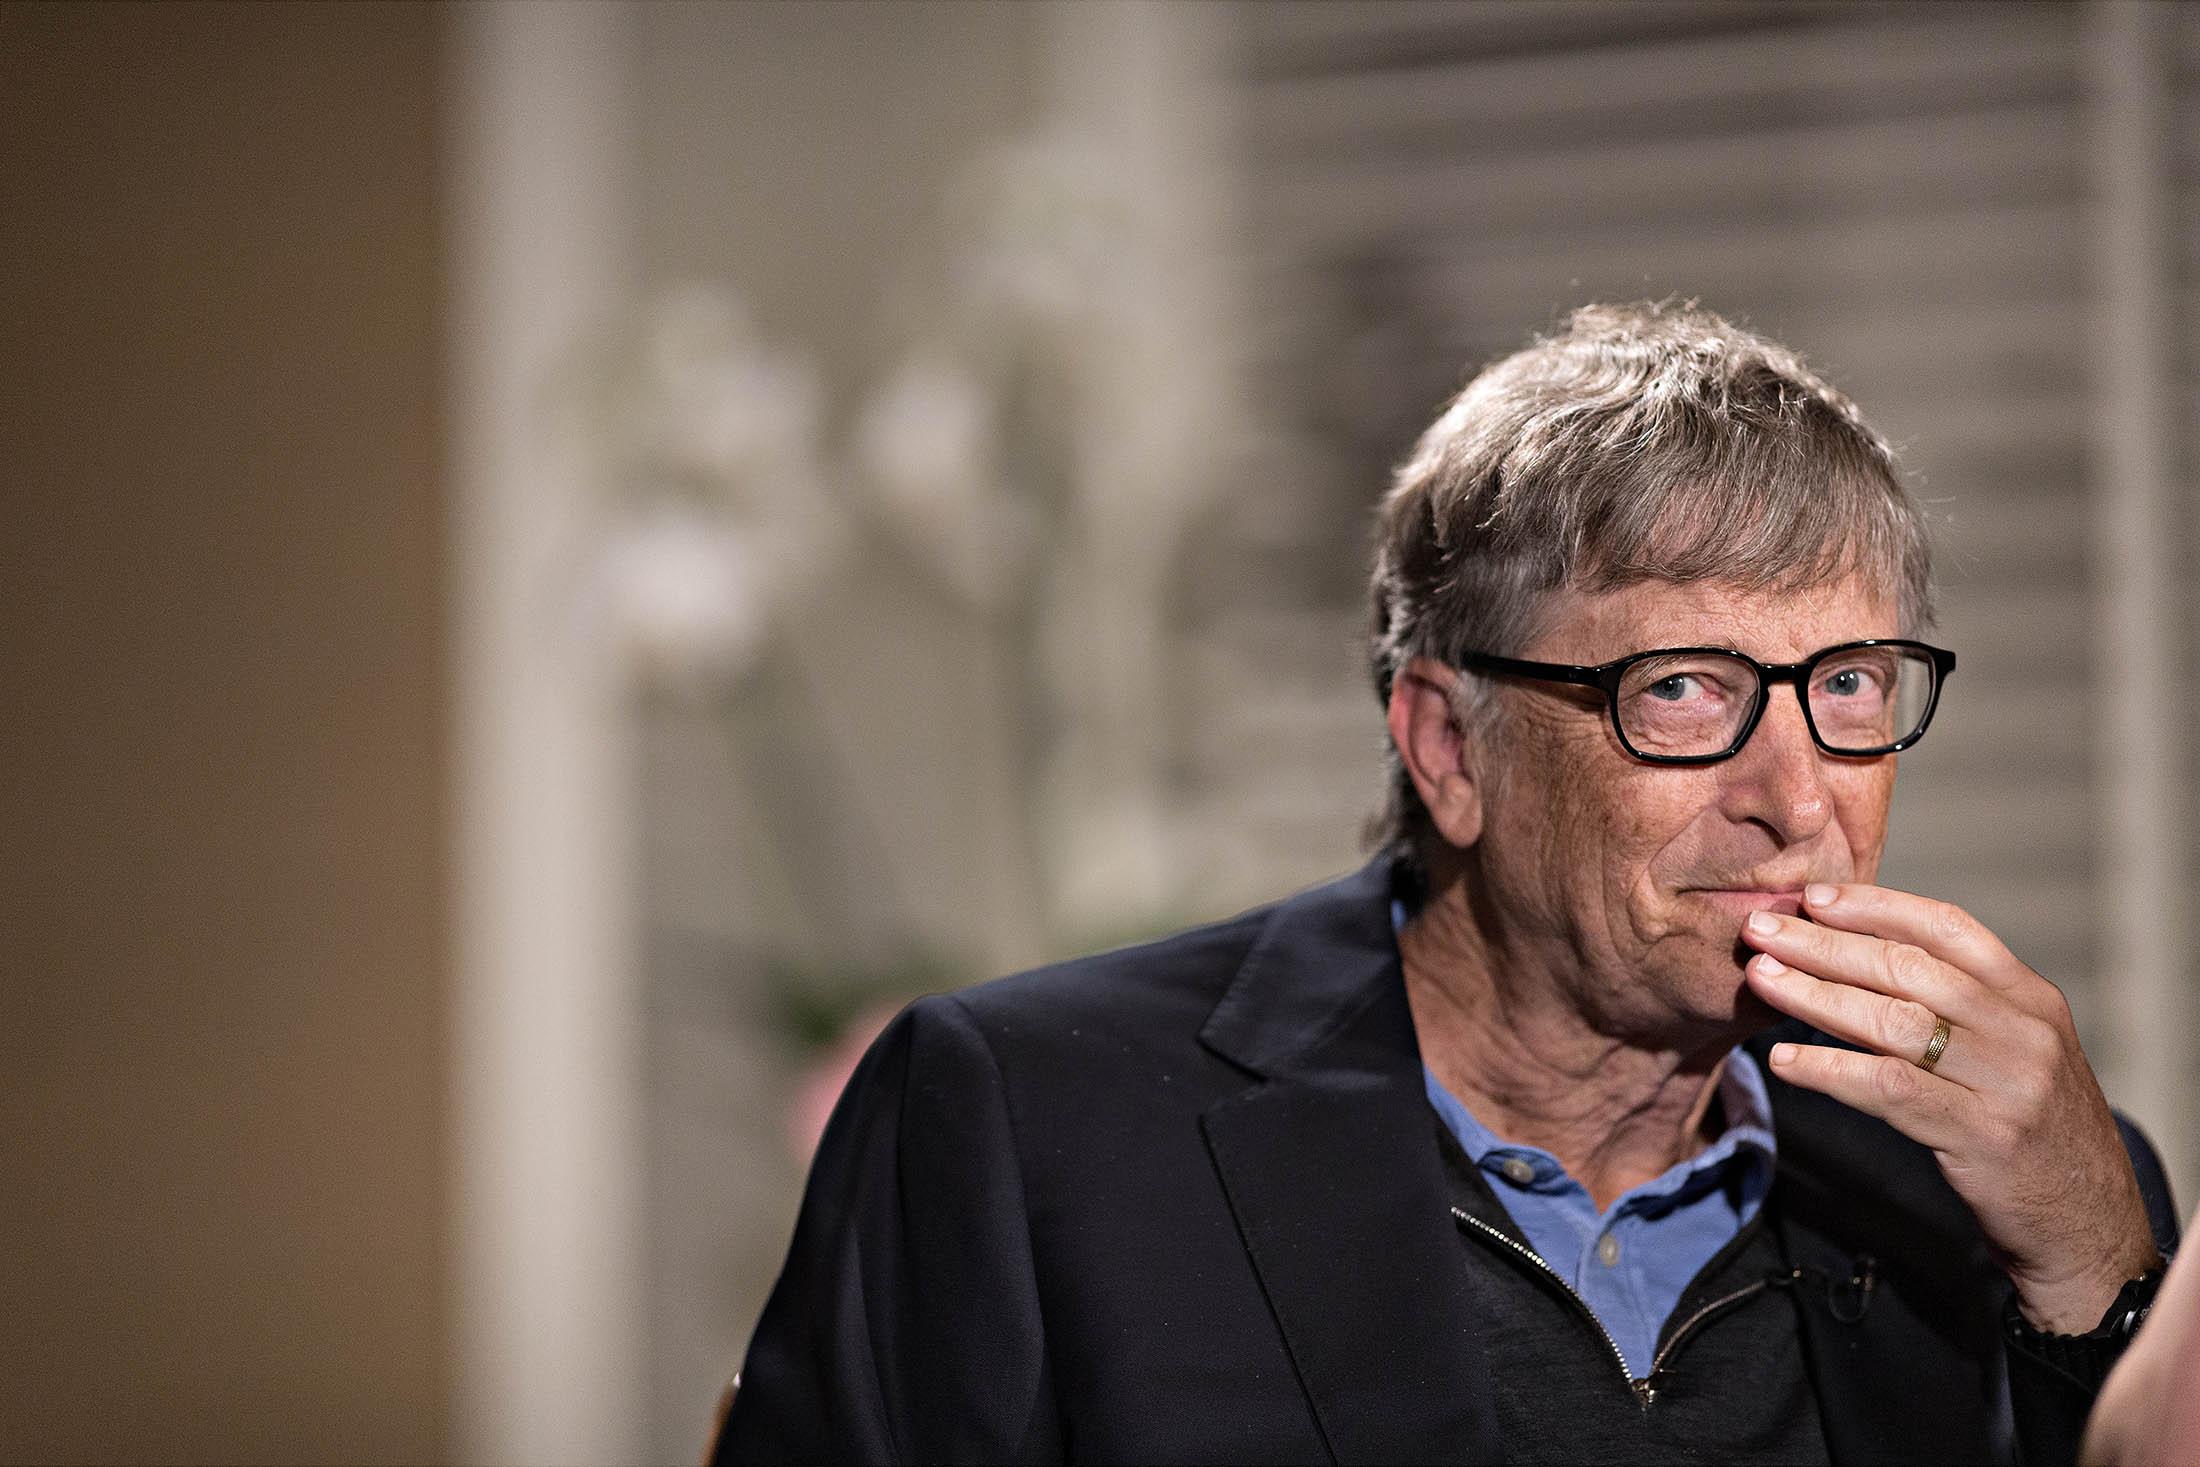 Gates Makes Largest Donation Since 2000 With $4.6 Billion Pledge